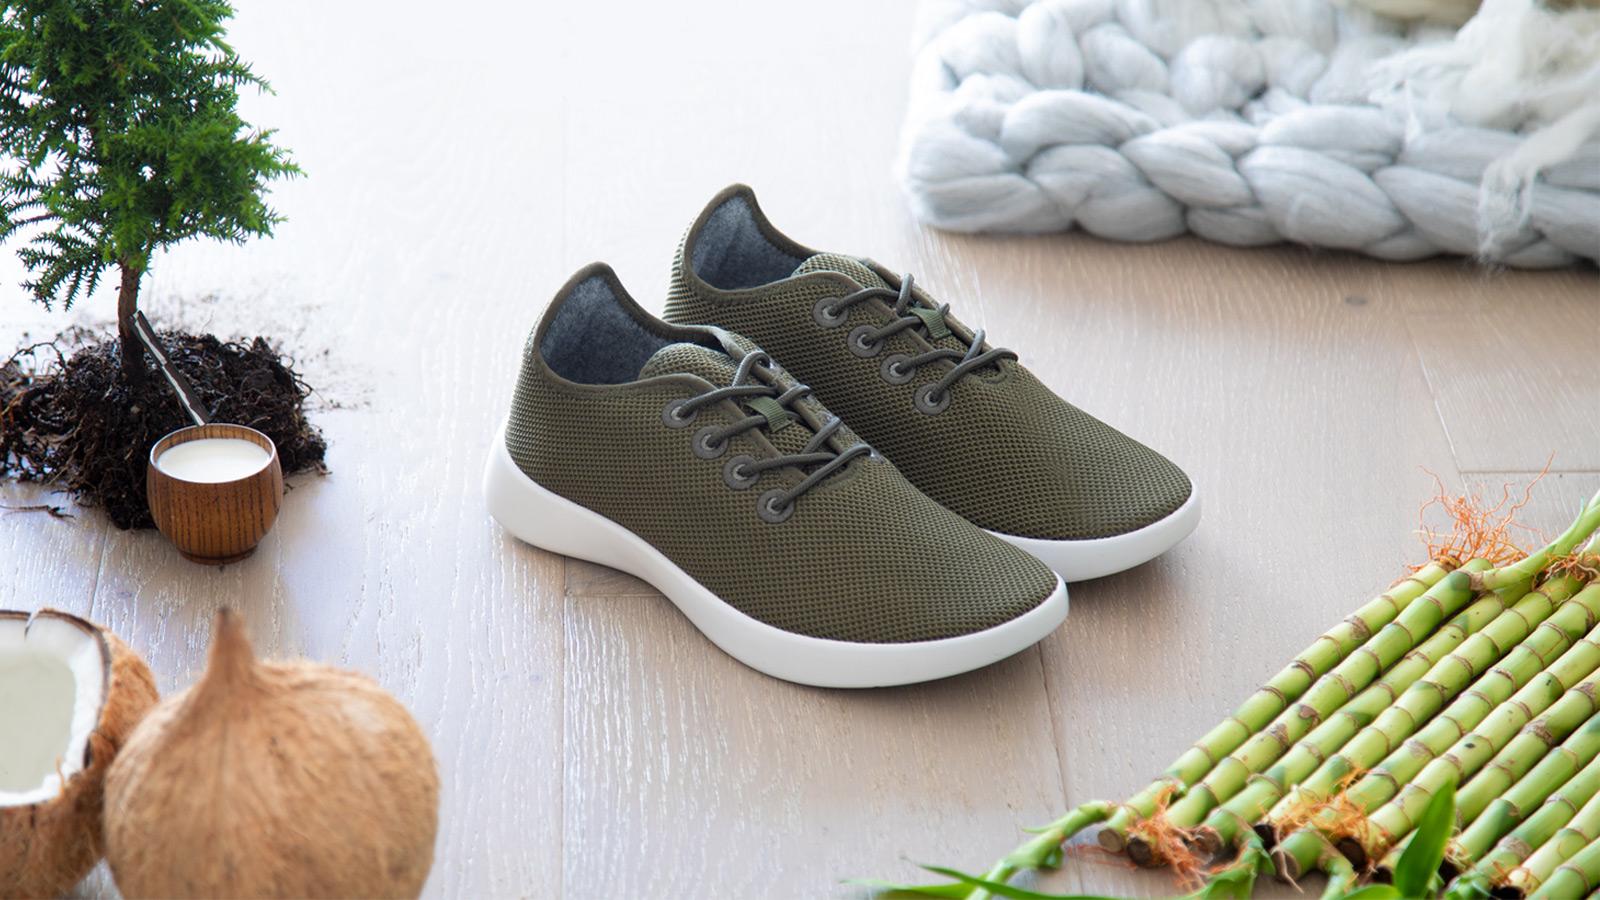 BauBax Travel Shoes